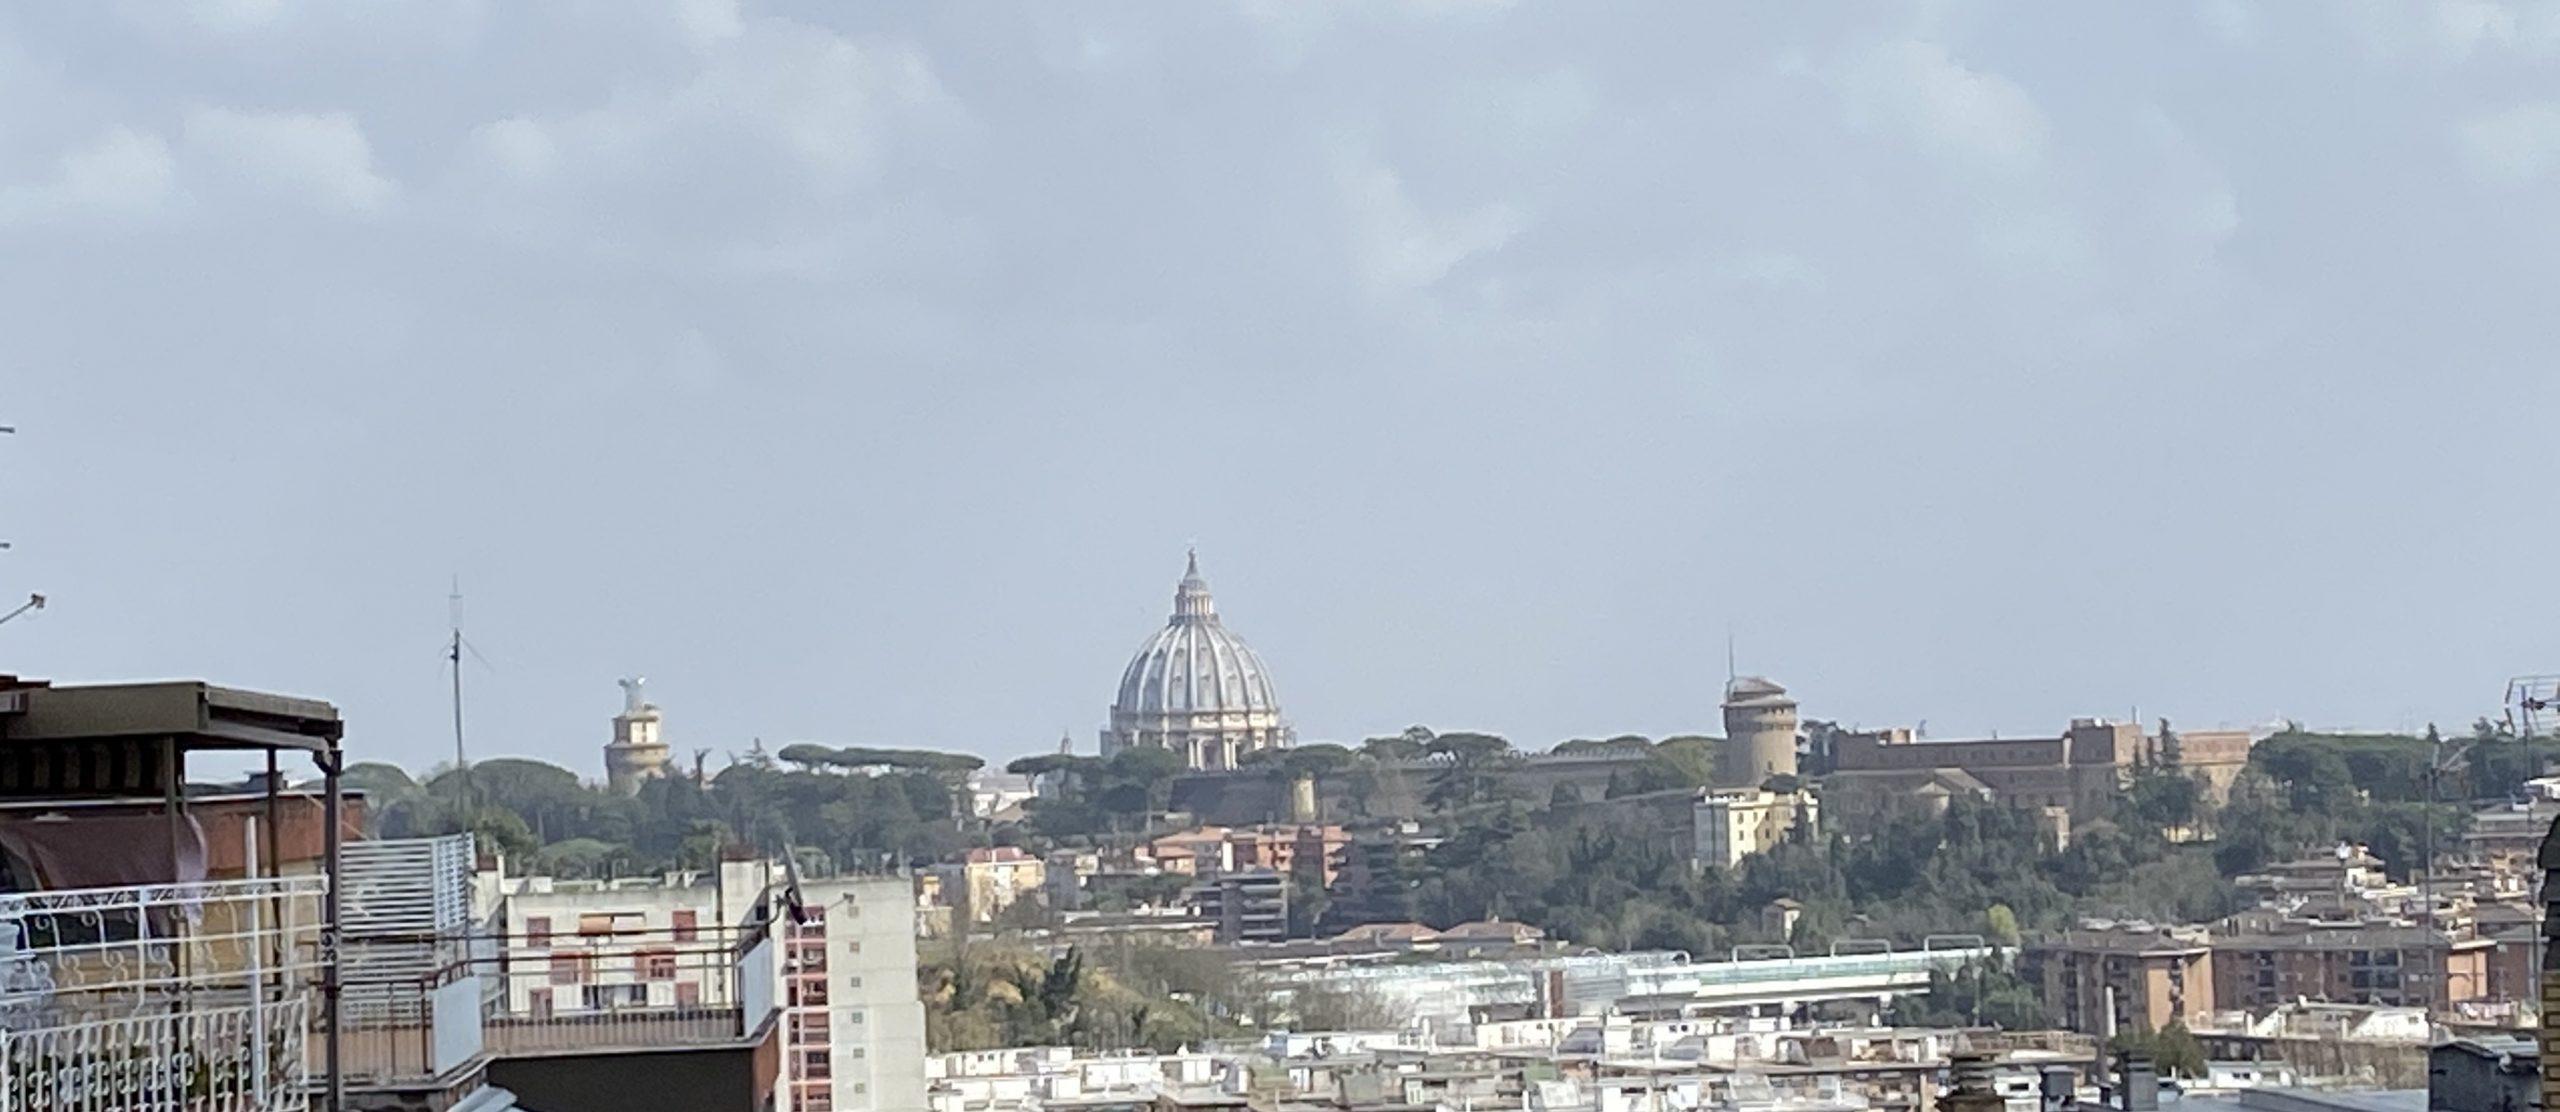 Palestra sul tetto – Via Vittorio Polacco 41, Roma